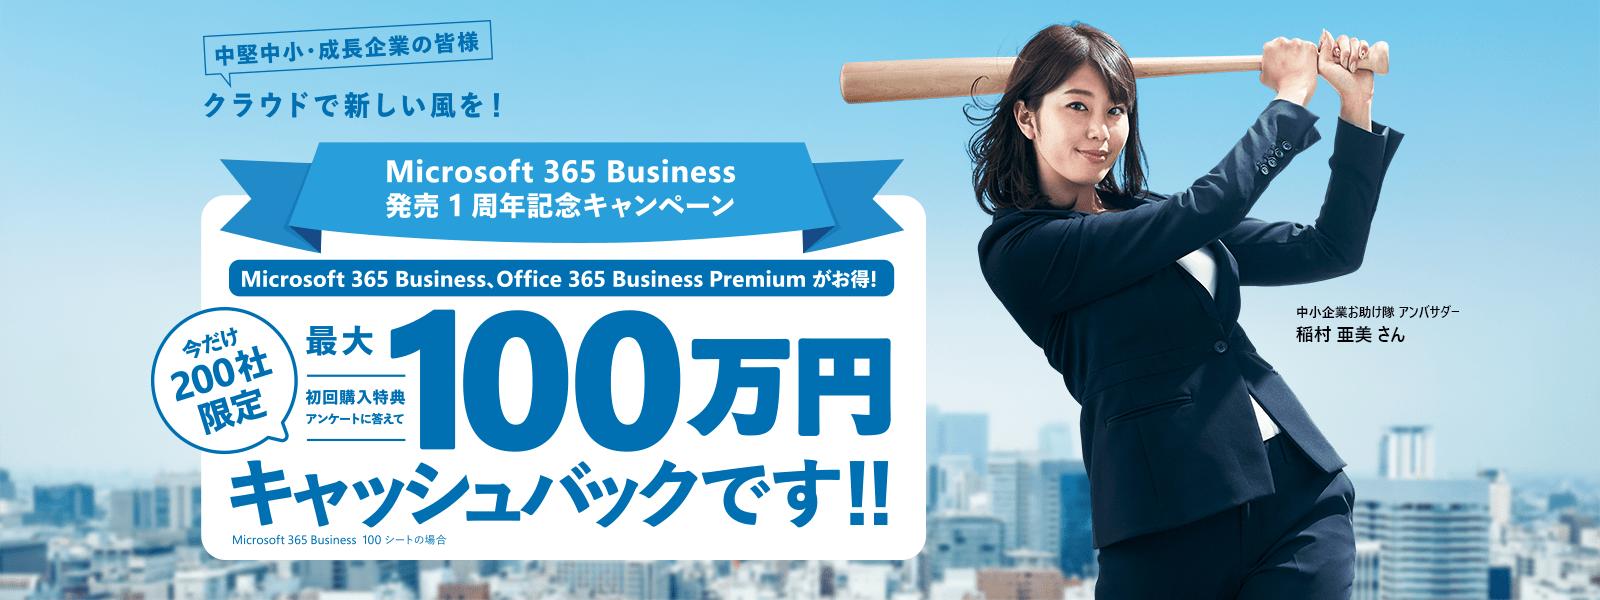 クラウドで新しい風を Microsoft 365 Business 発売 1 周年記念キャンペーン 今だけ 200 社限定 初回購入特典アンケートに答えて最大 100 万円キャッシュバックです!! Microsoft 365 Business 100 シートの場合